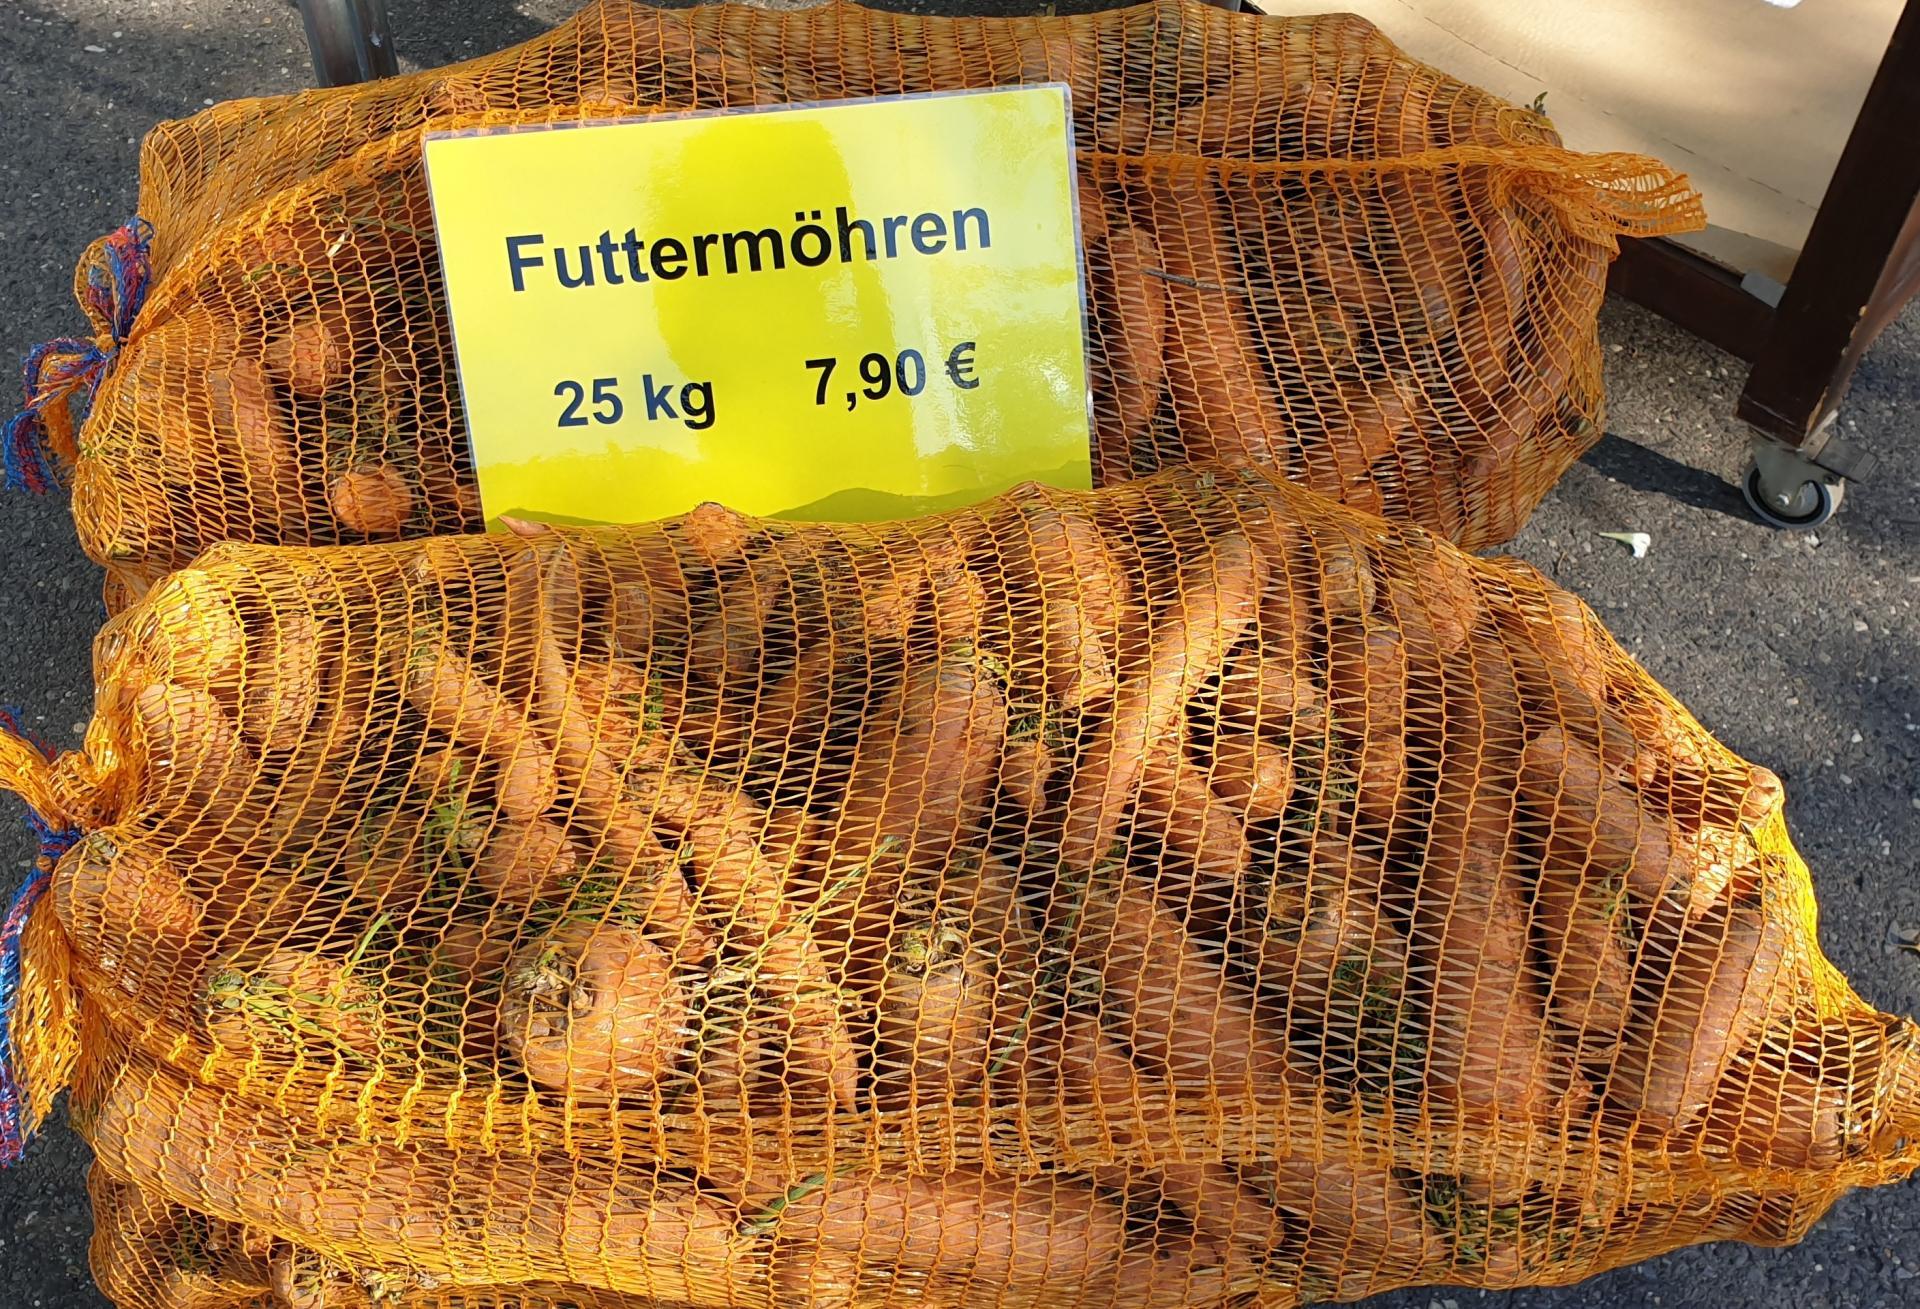 Futtermöhren im 25 kg Sack